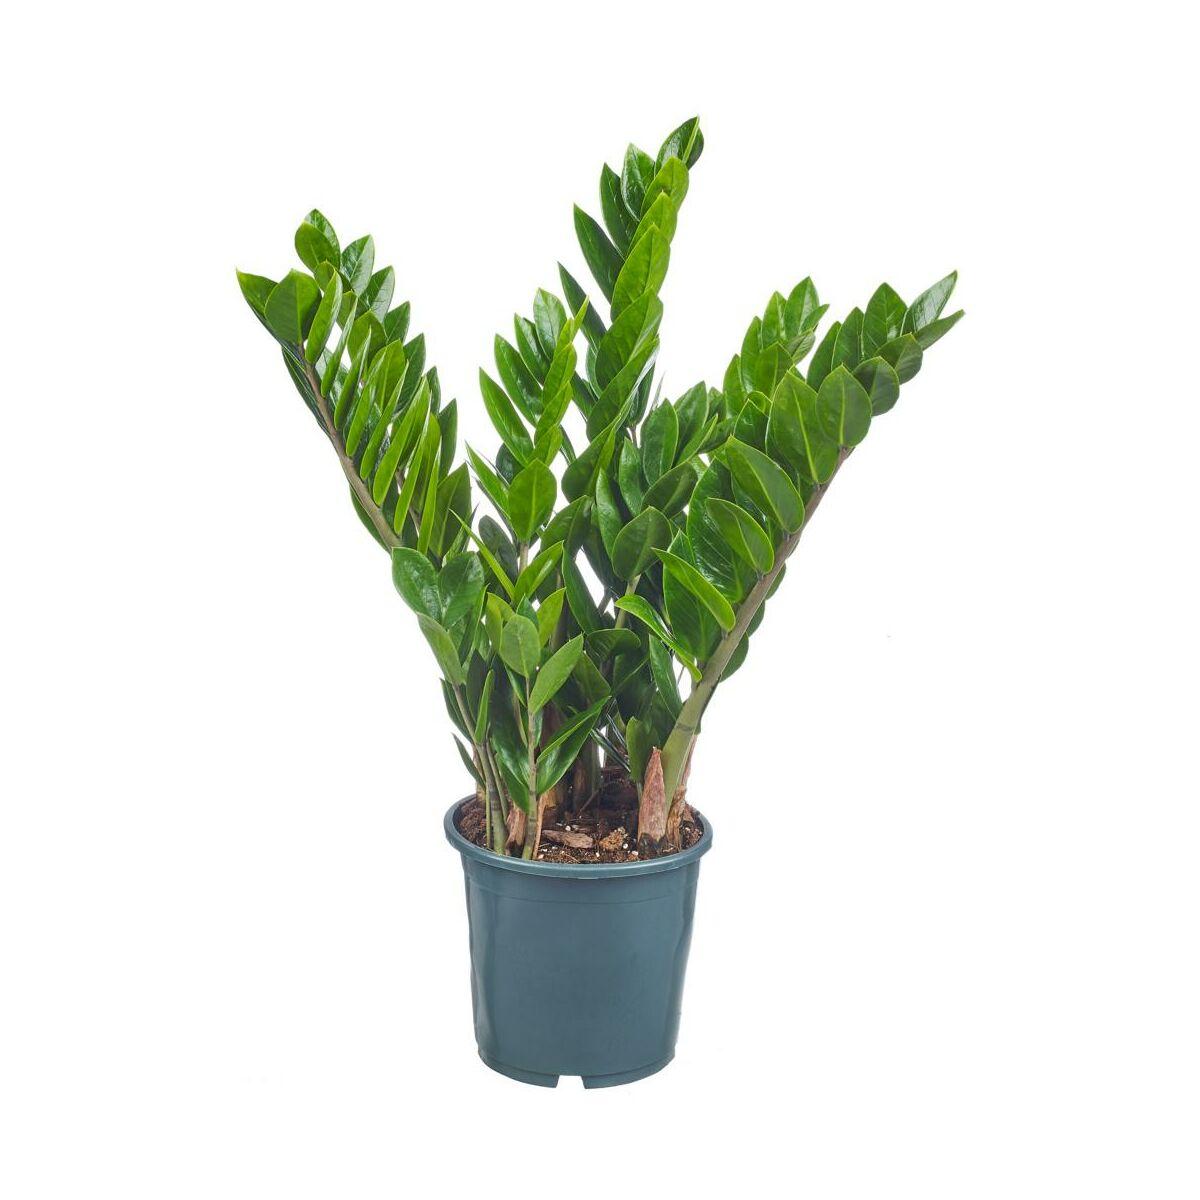 Zamiokulkas zamiolistny 70 cm - Rośliny zielone - w atrakcyjnej cenie w  sklepach Leroy Merlin.